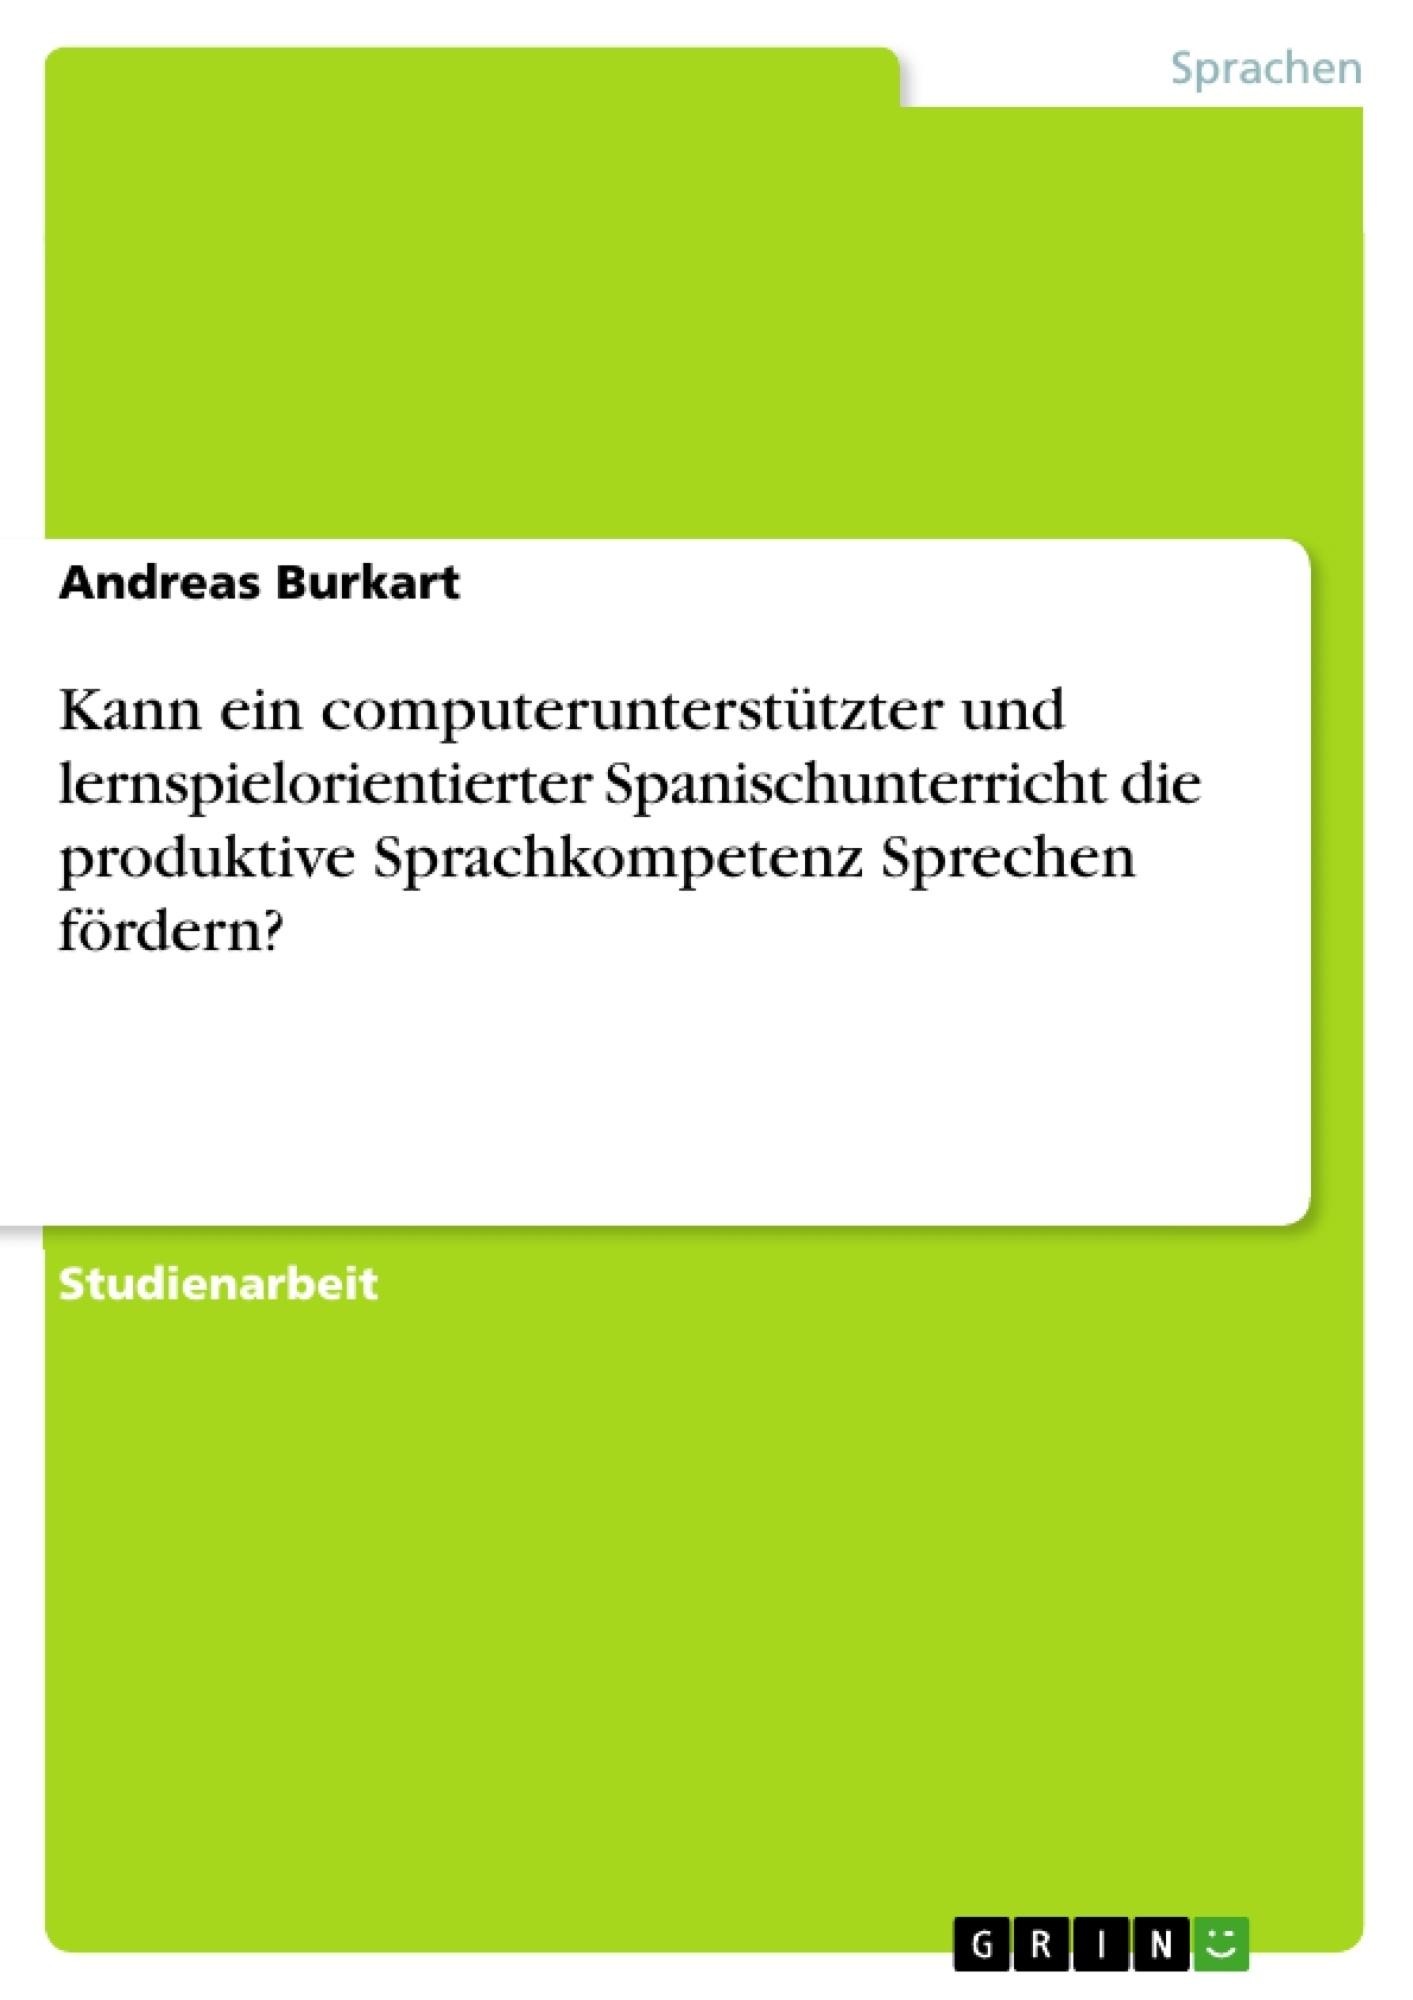 Titel: Kann ein computerunterstützter und lernspielorientierter Spanischunterricht die produktive Sprachkompetenz Sprechen fördern?